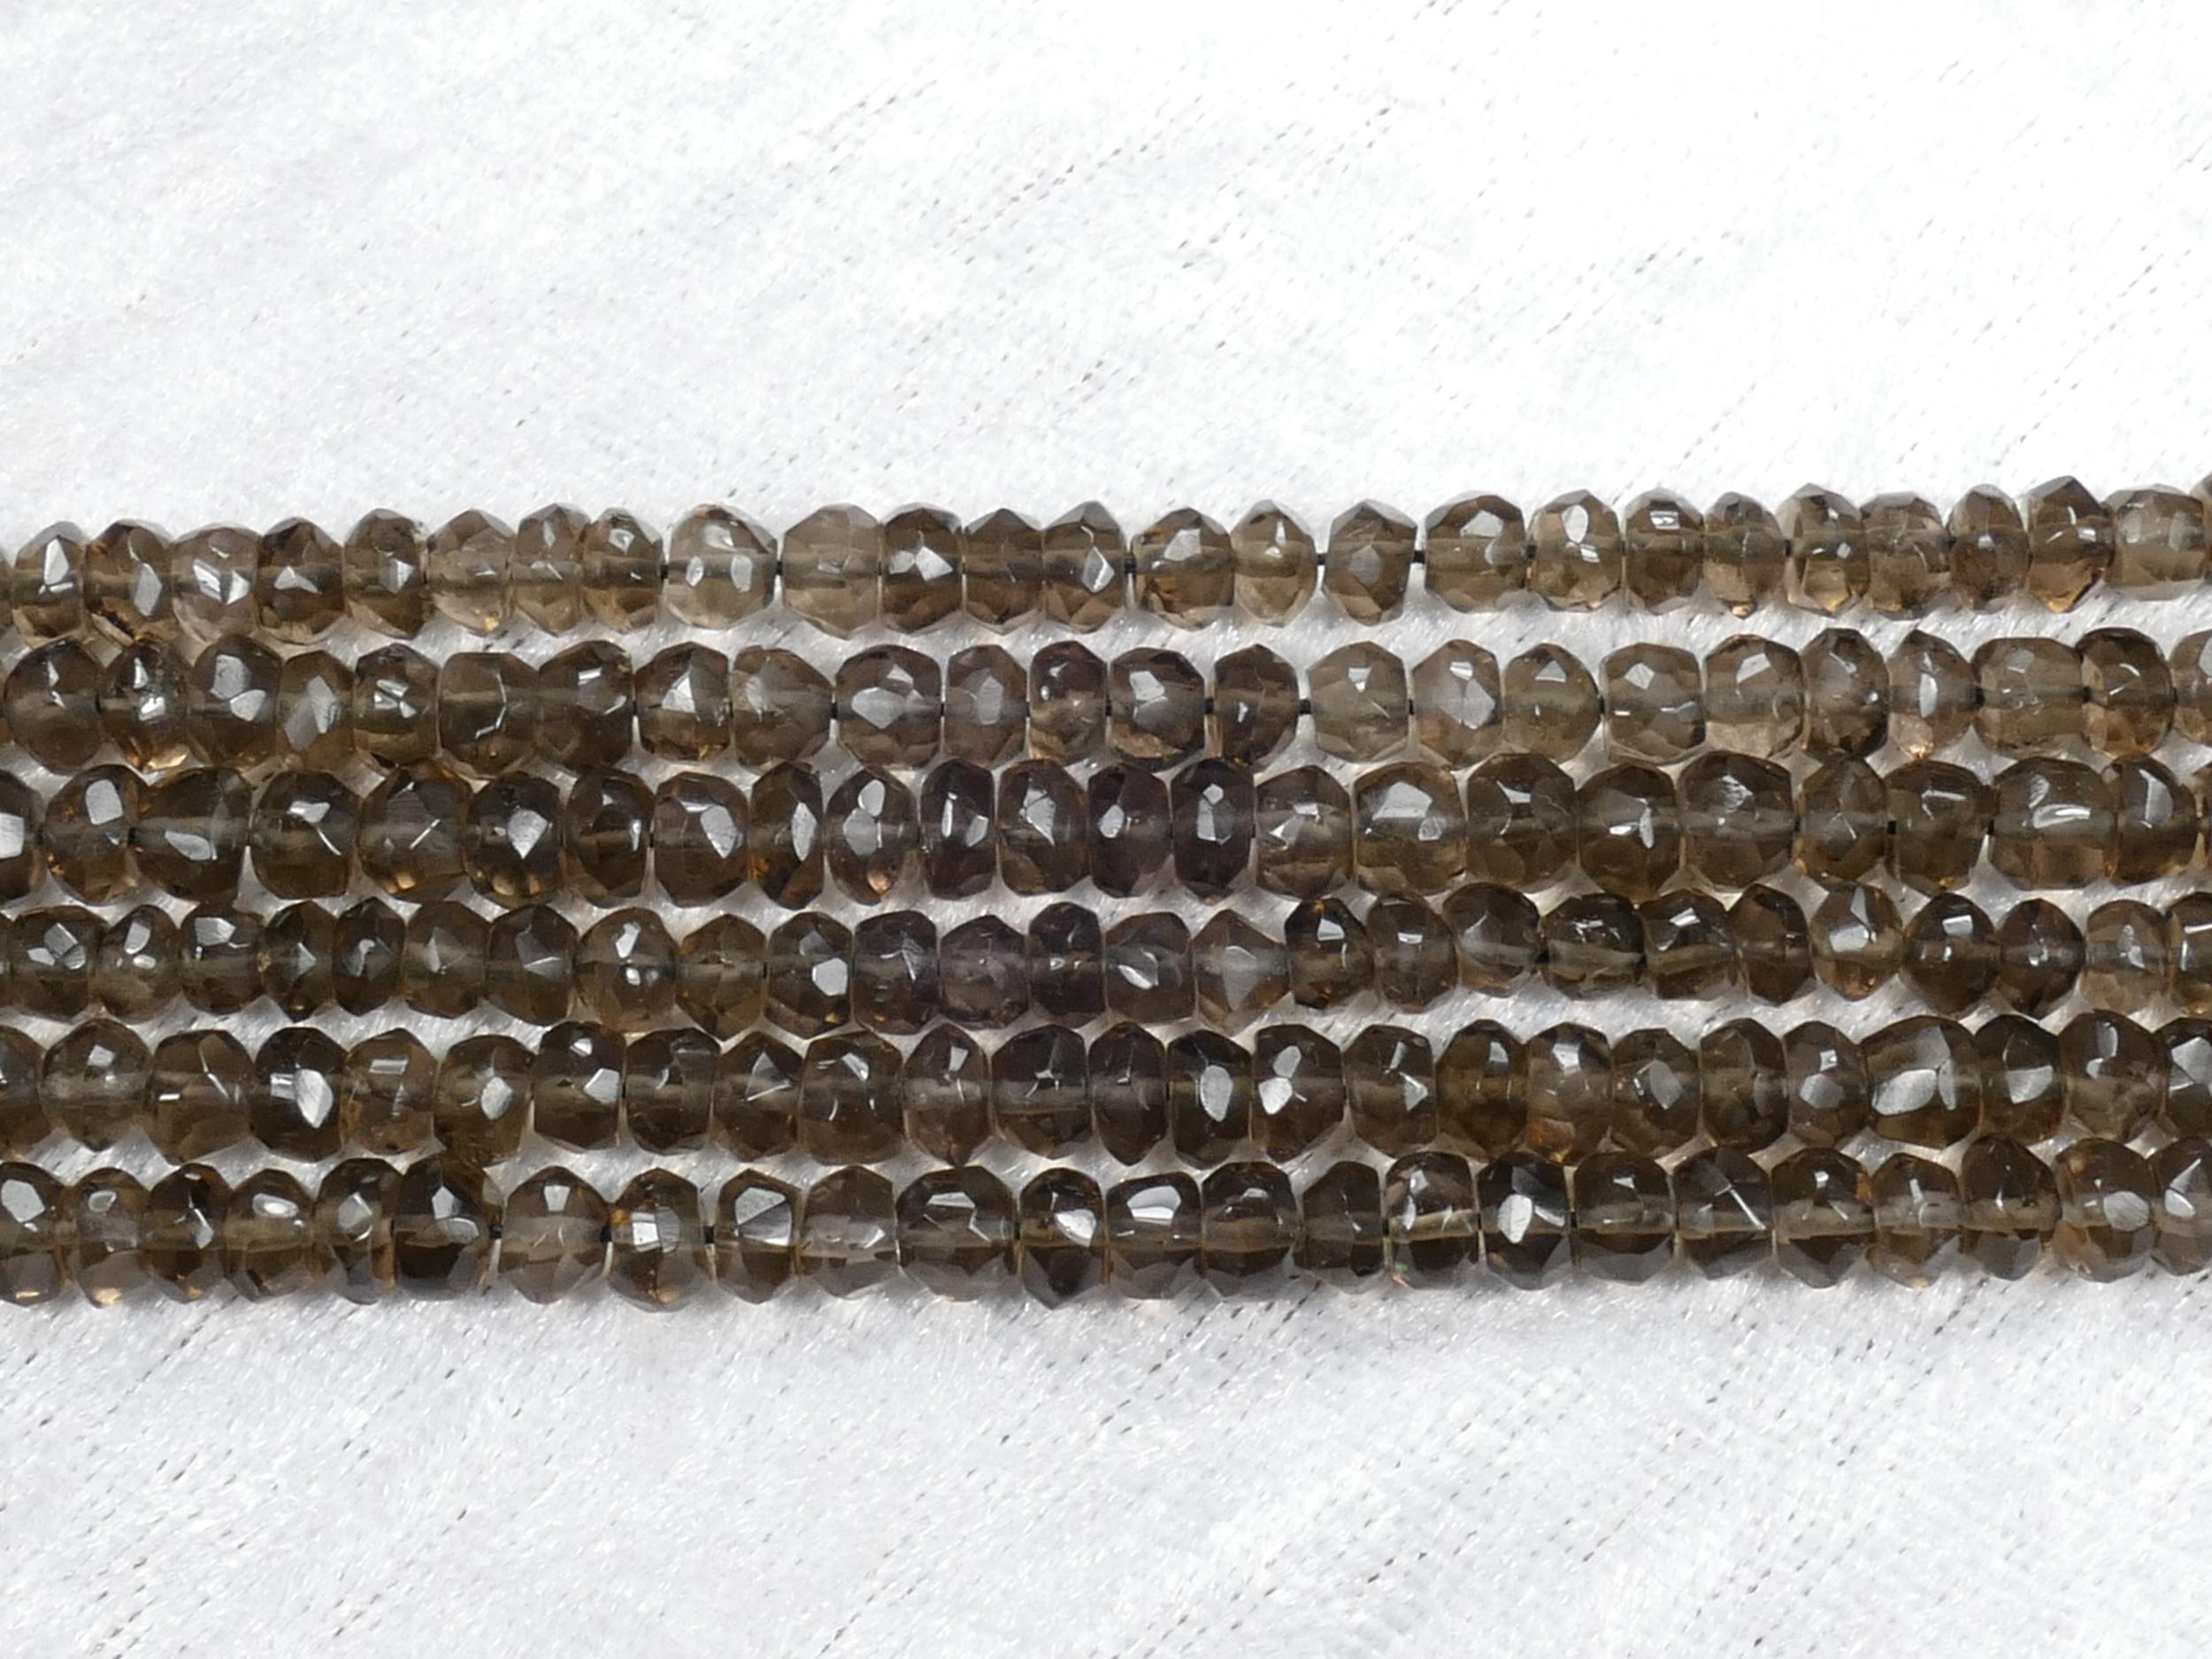 4.4/5mm AAA/AAA+ Perles de Quartz fumé naturel rondelle facettée irrégulière fil x32cm (12.6inch) (#AC985